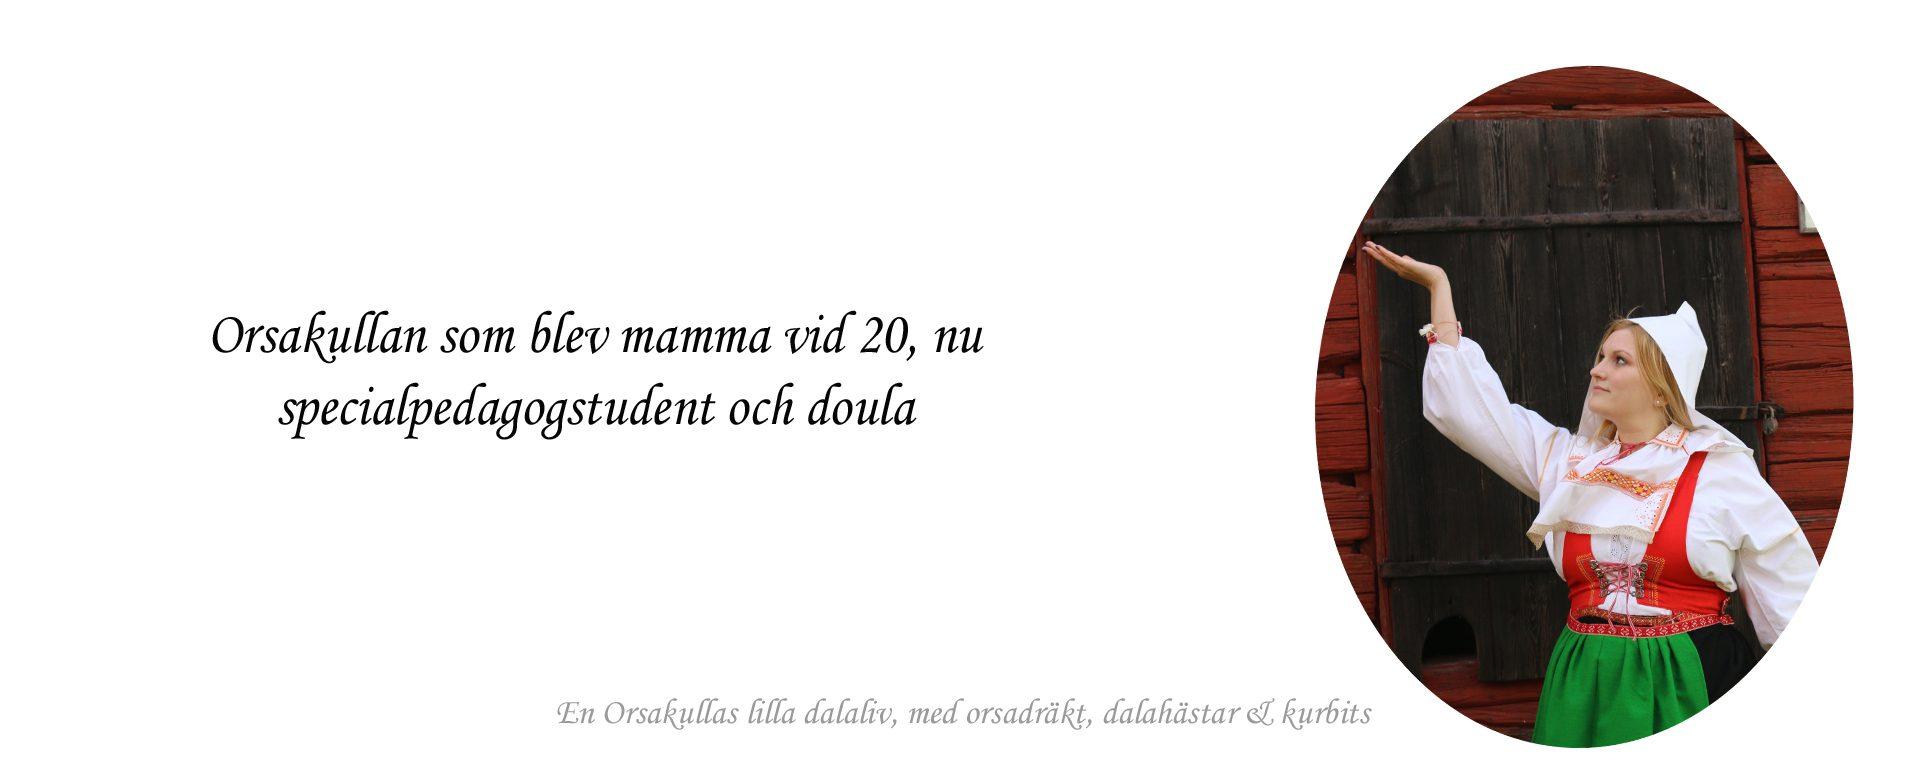 ★ Orsakullan som blev mamma vid 20, nu specialpedagogstudent och doula ★